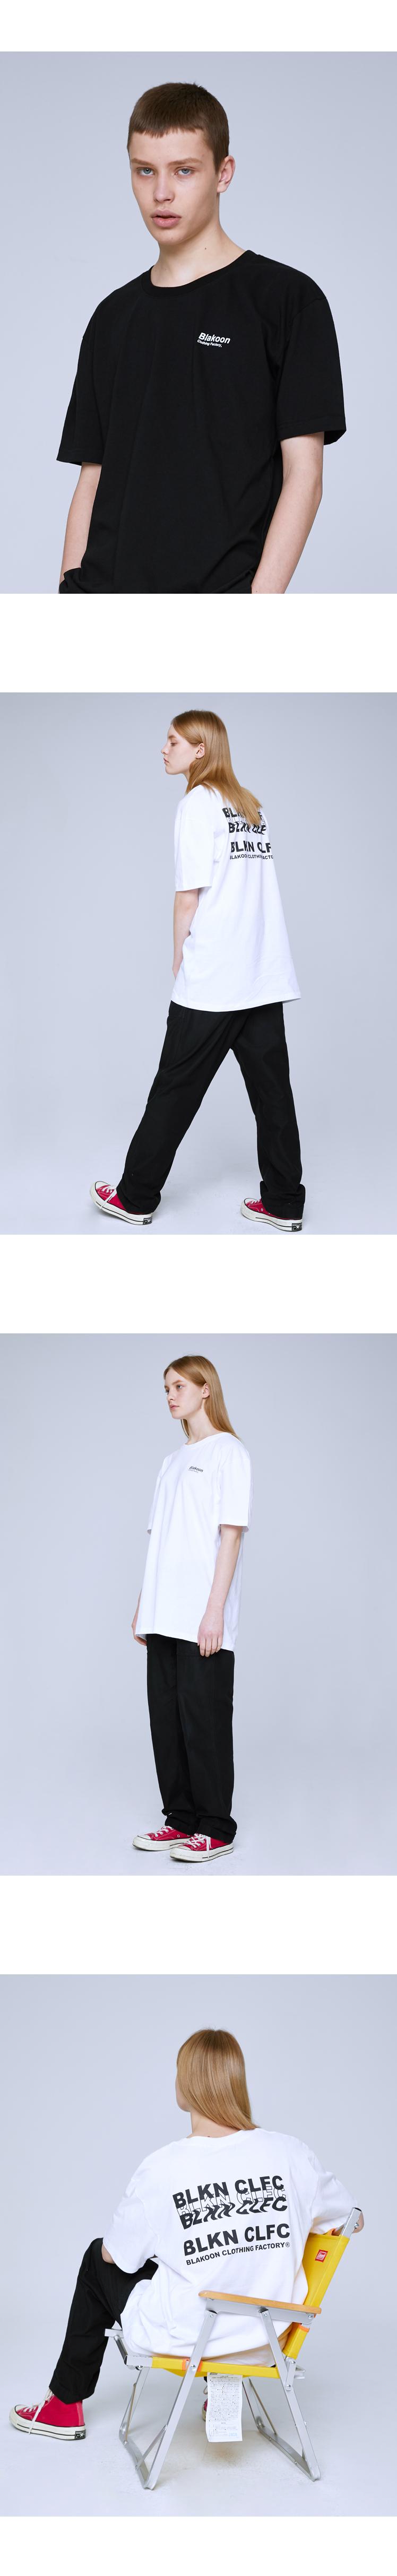 웨이빙-로고-티셔츠_1_02.jpg